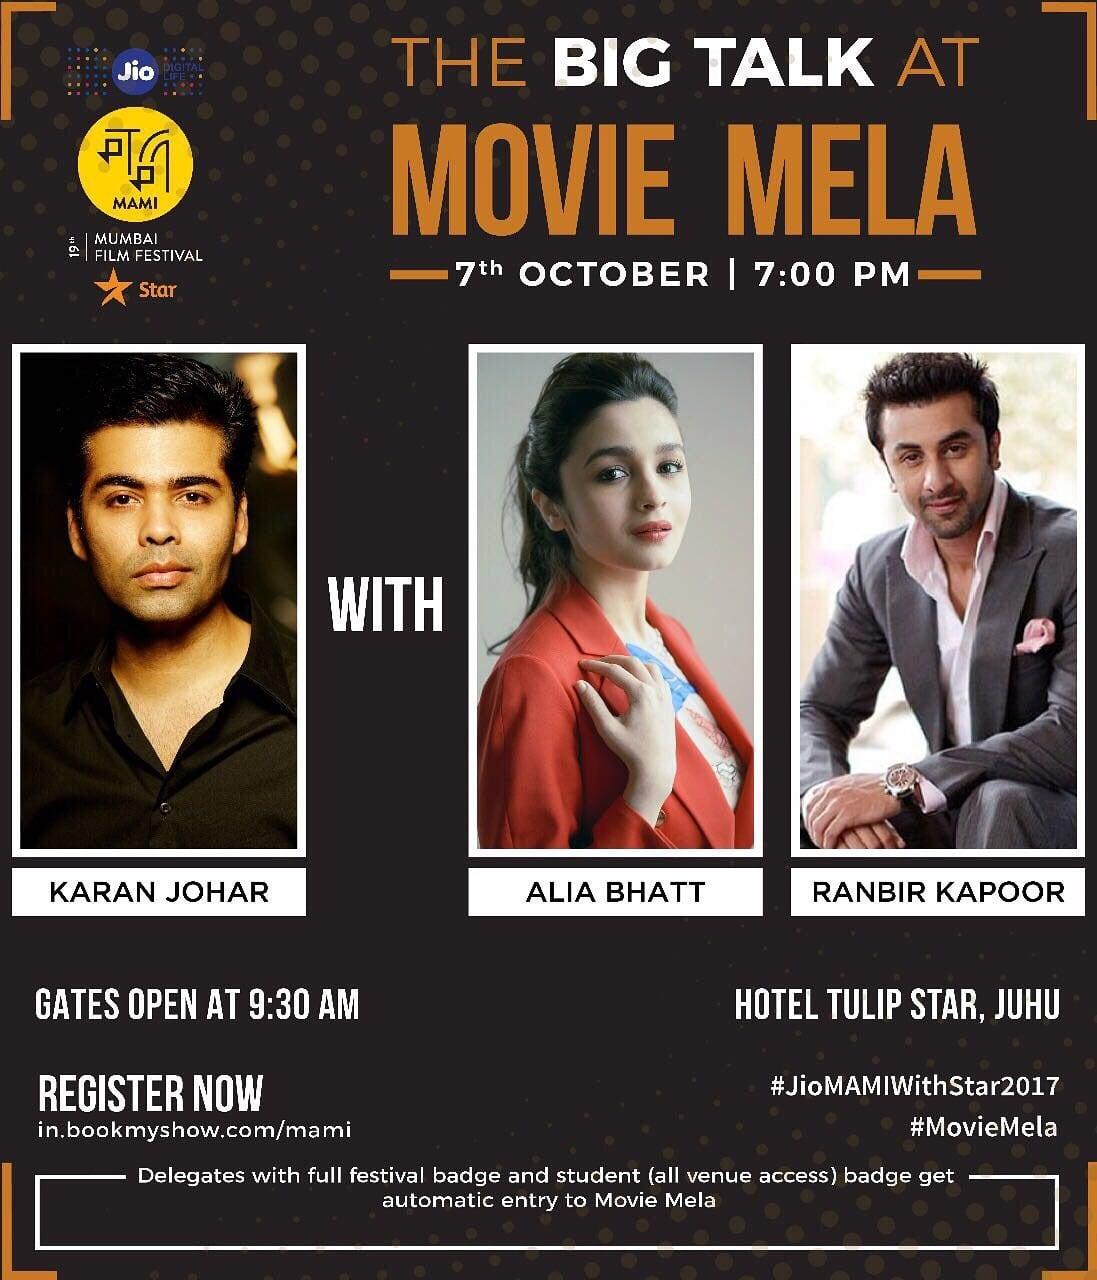 MAMI Movie Mela To Bring Karan Johar, Ranbir - Alia, Vishal Shekhar & The Team Of Golmaal Again Under One Roof